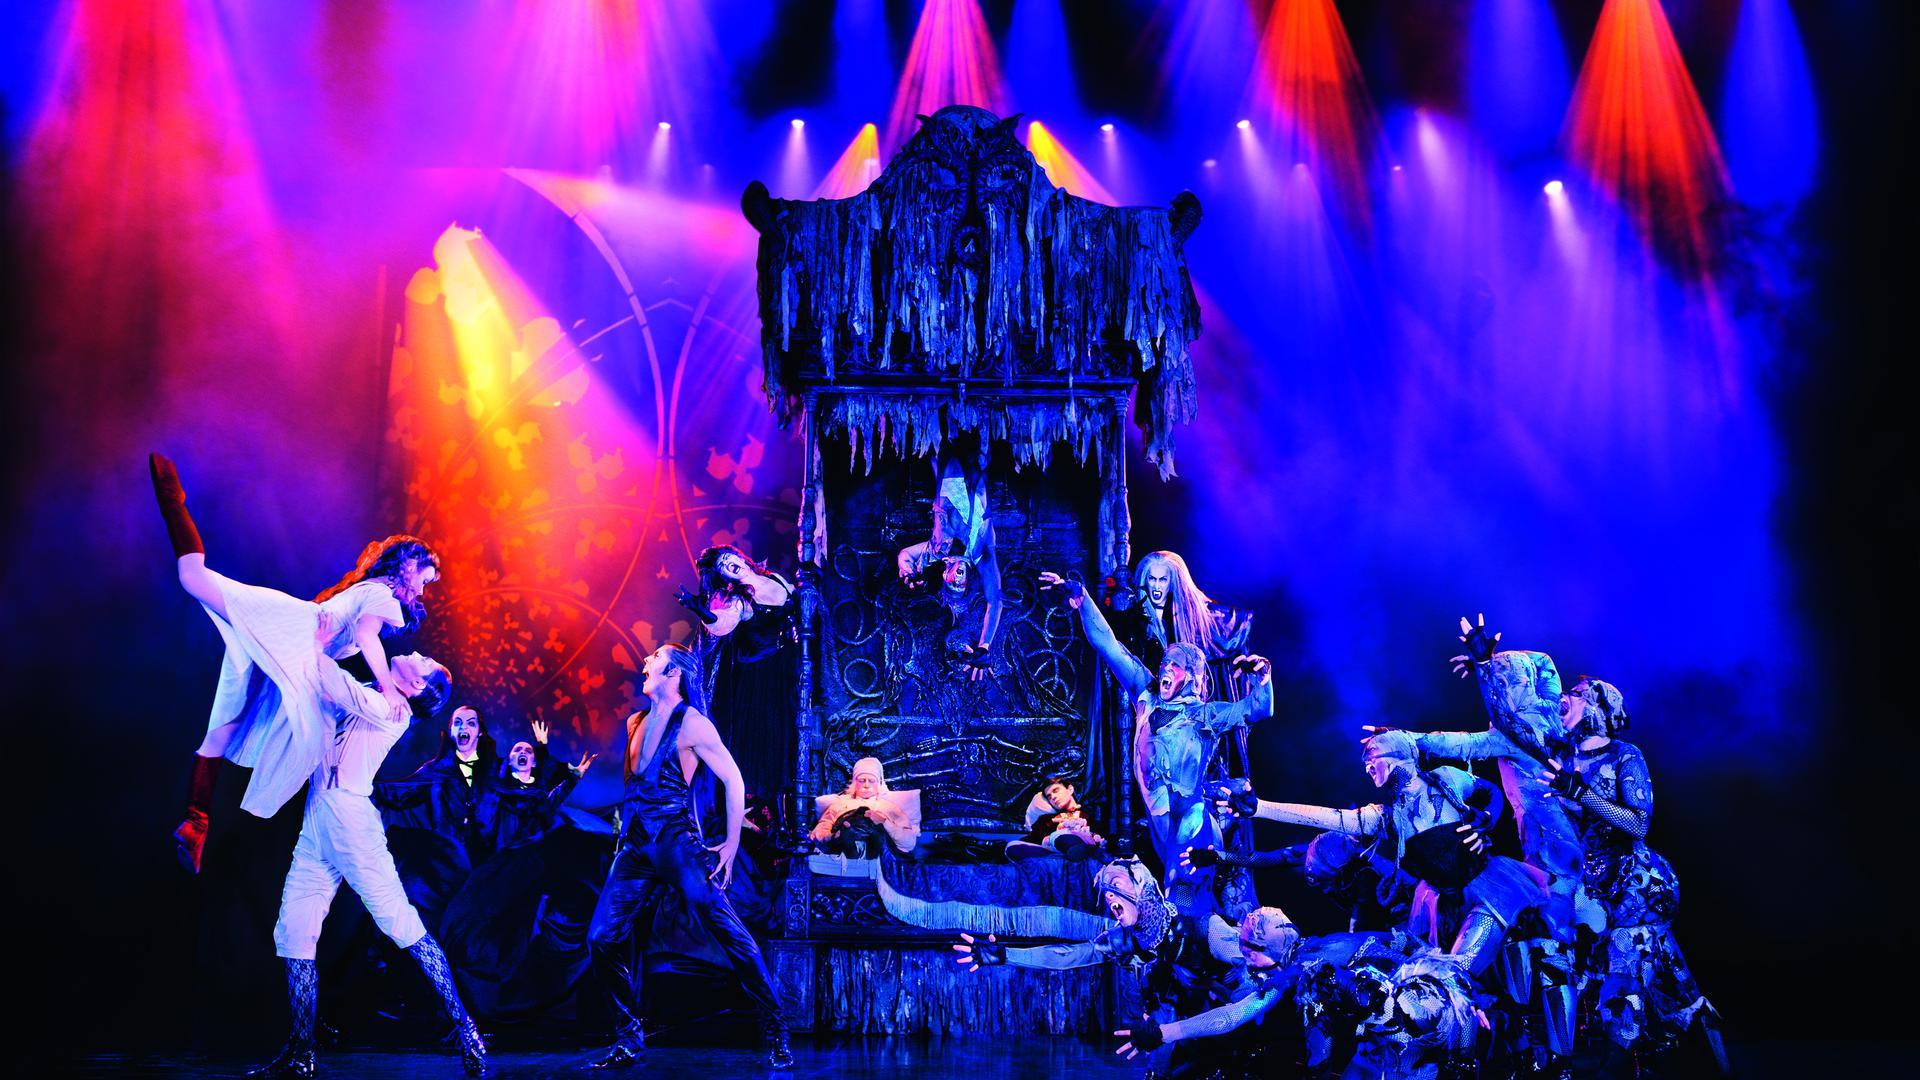 """Fantastisches Spektakel: Der Traumtanz """"Carpe Noctum"""" aus dem Kult-Musical """"Tanz der Vampire"""" ist nun wieder in Stuttgart zu erleben."""